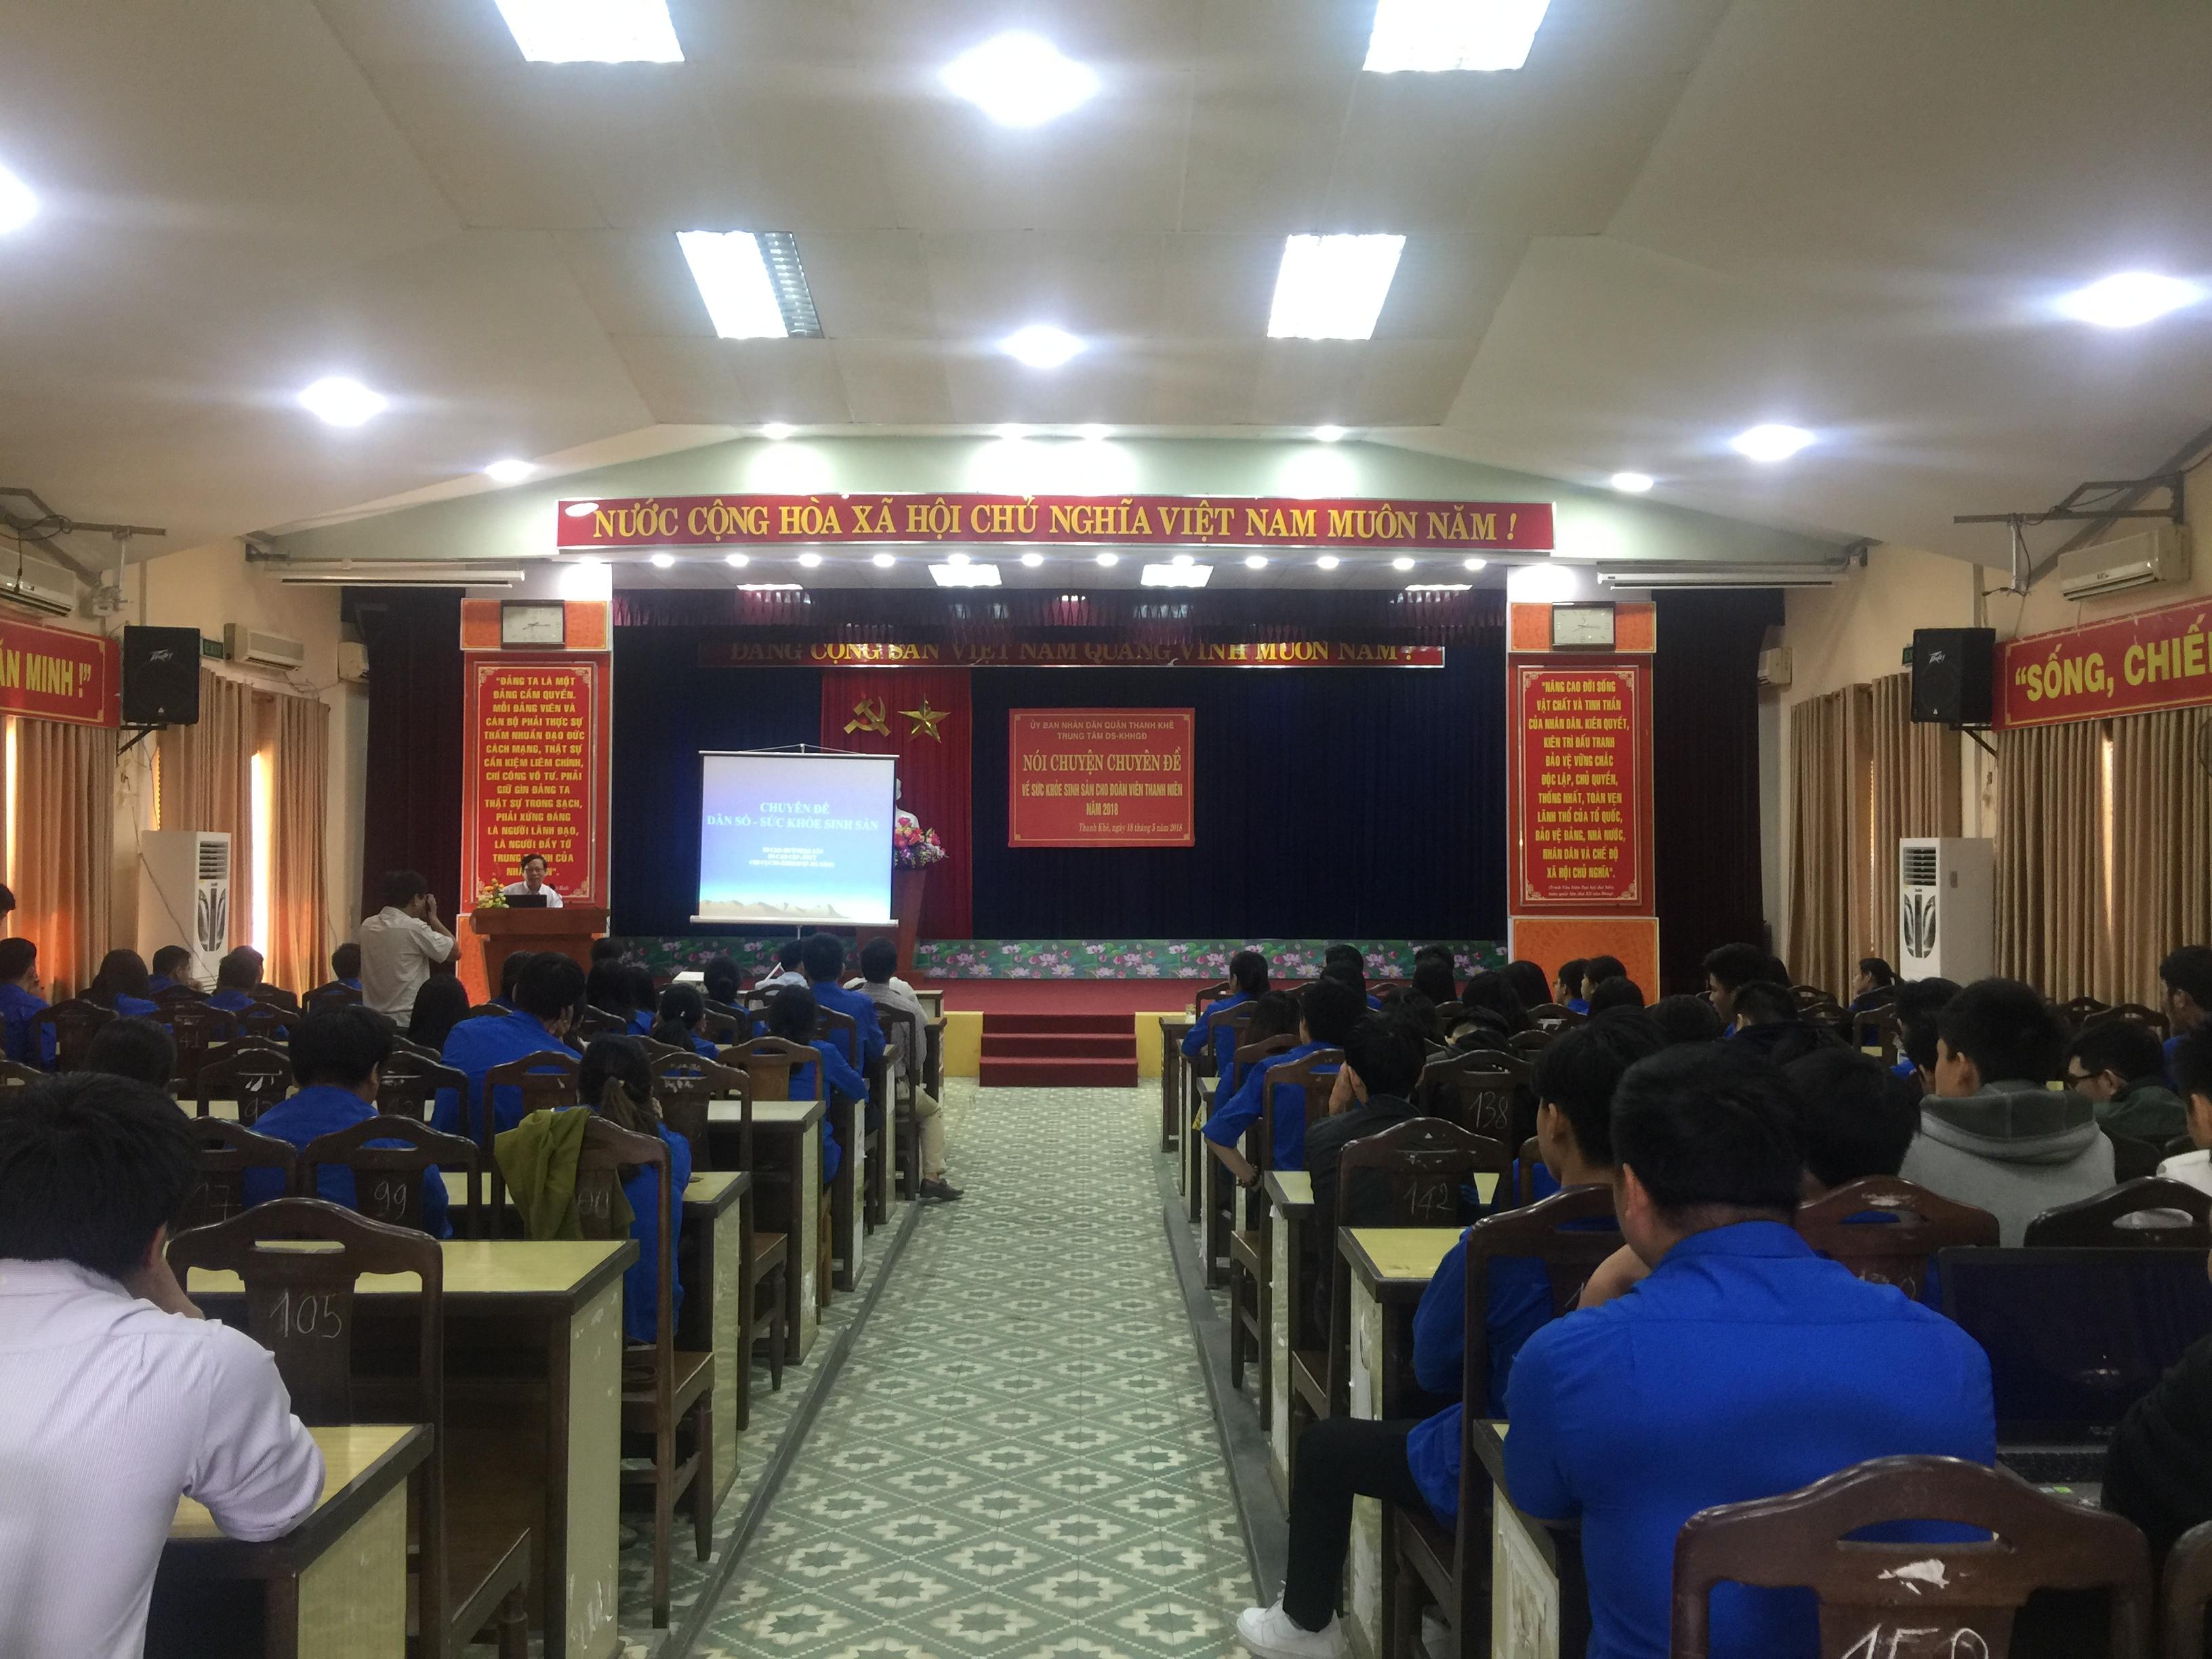 Quận Đoàn Thanh Khê tổ chức Tư vấn Sức khỏe sinh sản cho thanh thiếu niên